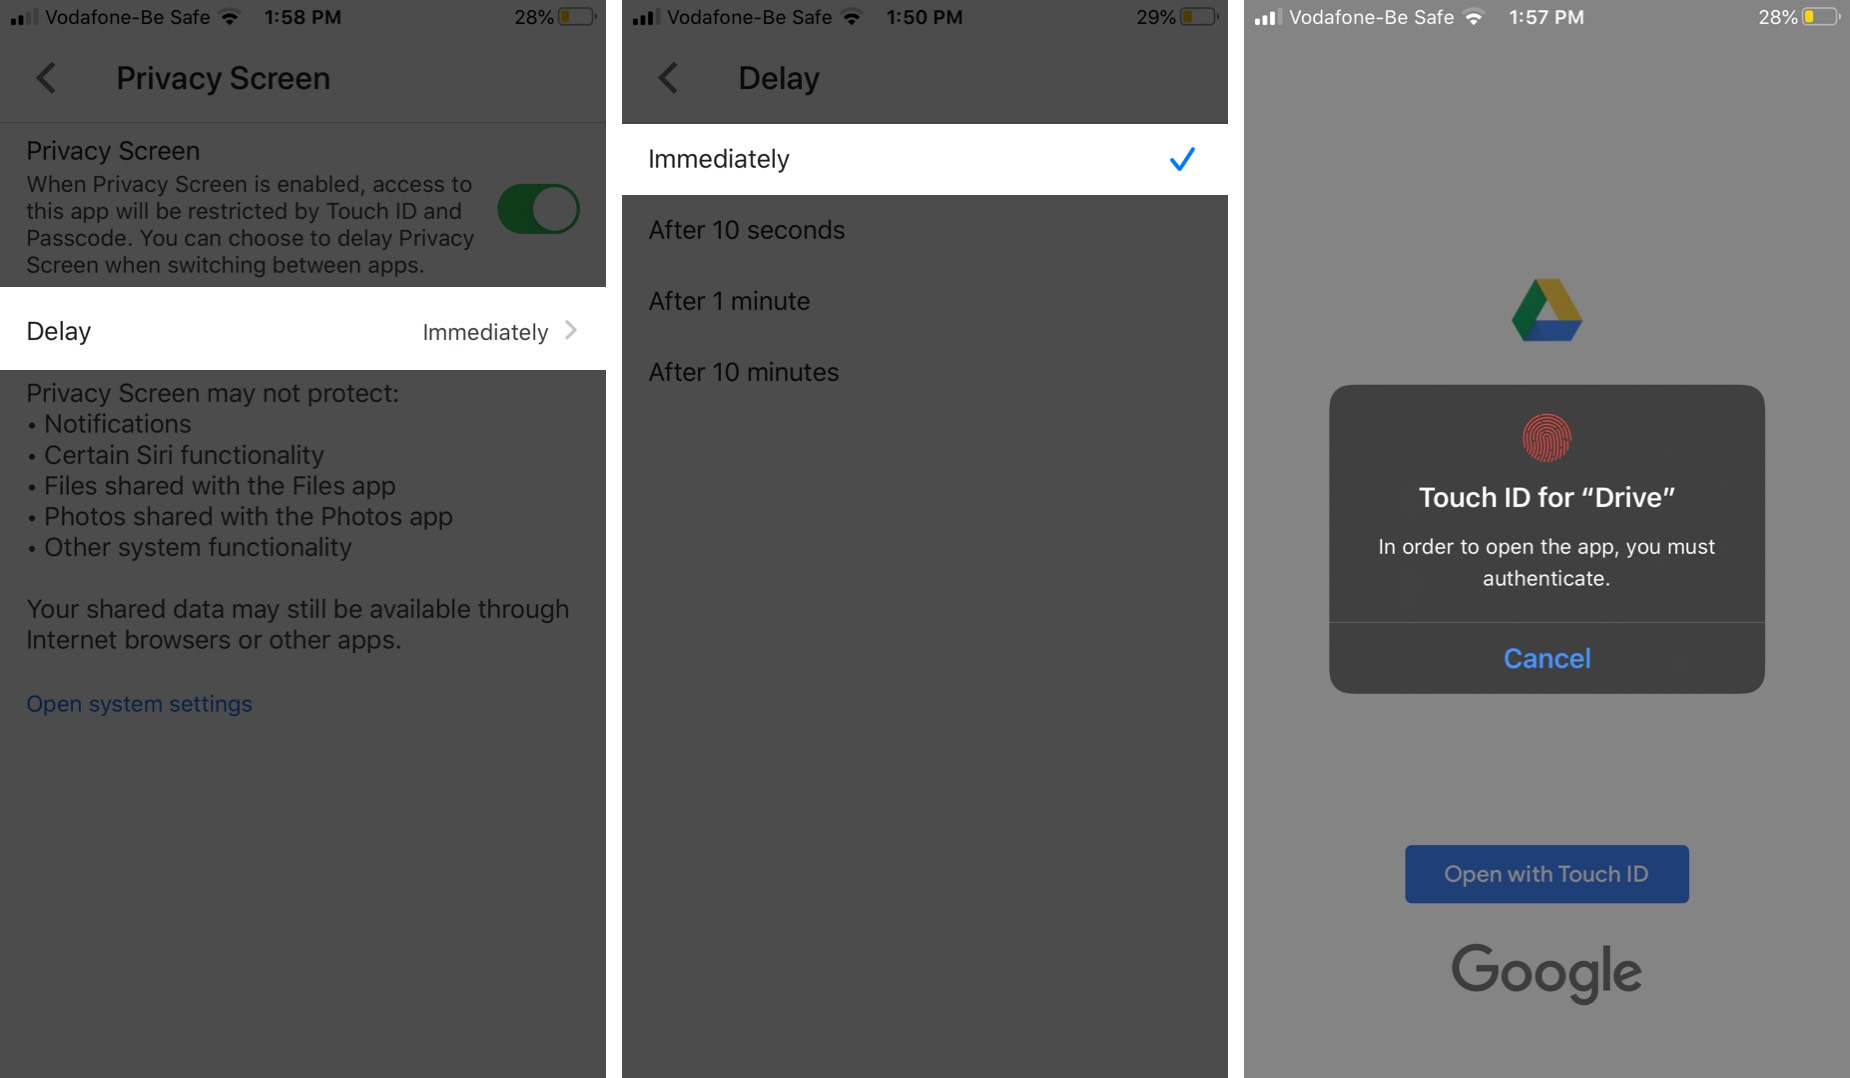 Nhấn Trì hoãn bằng tính năng Màn hình bảo mật trên iPhone của bạn và chọn Khóa Google Drive